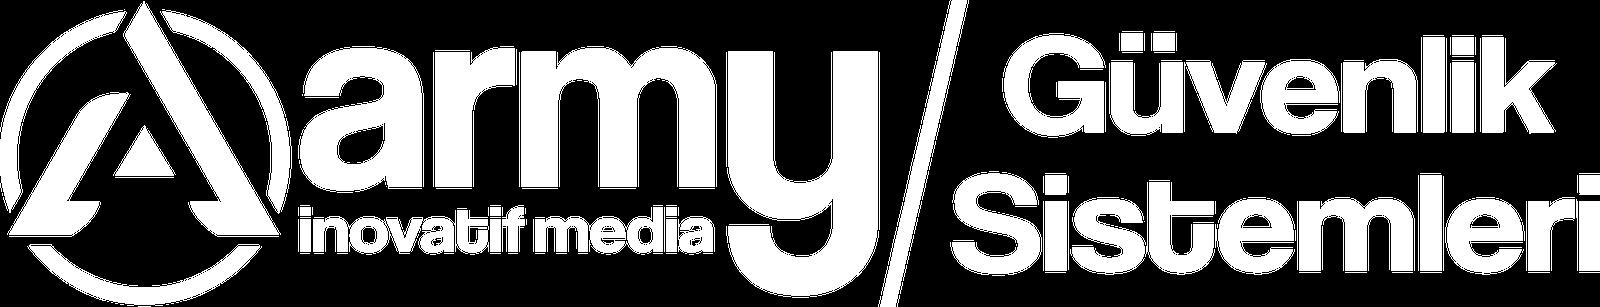 Army İnovatif Medya